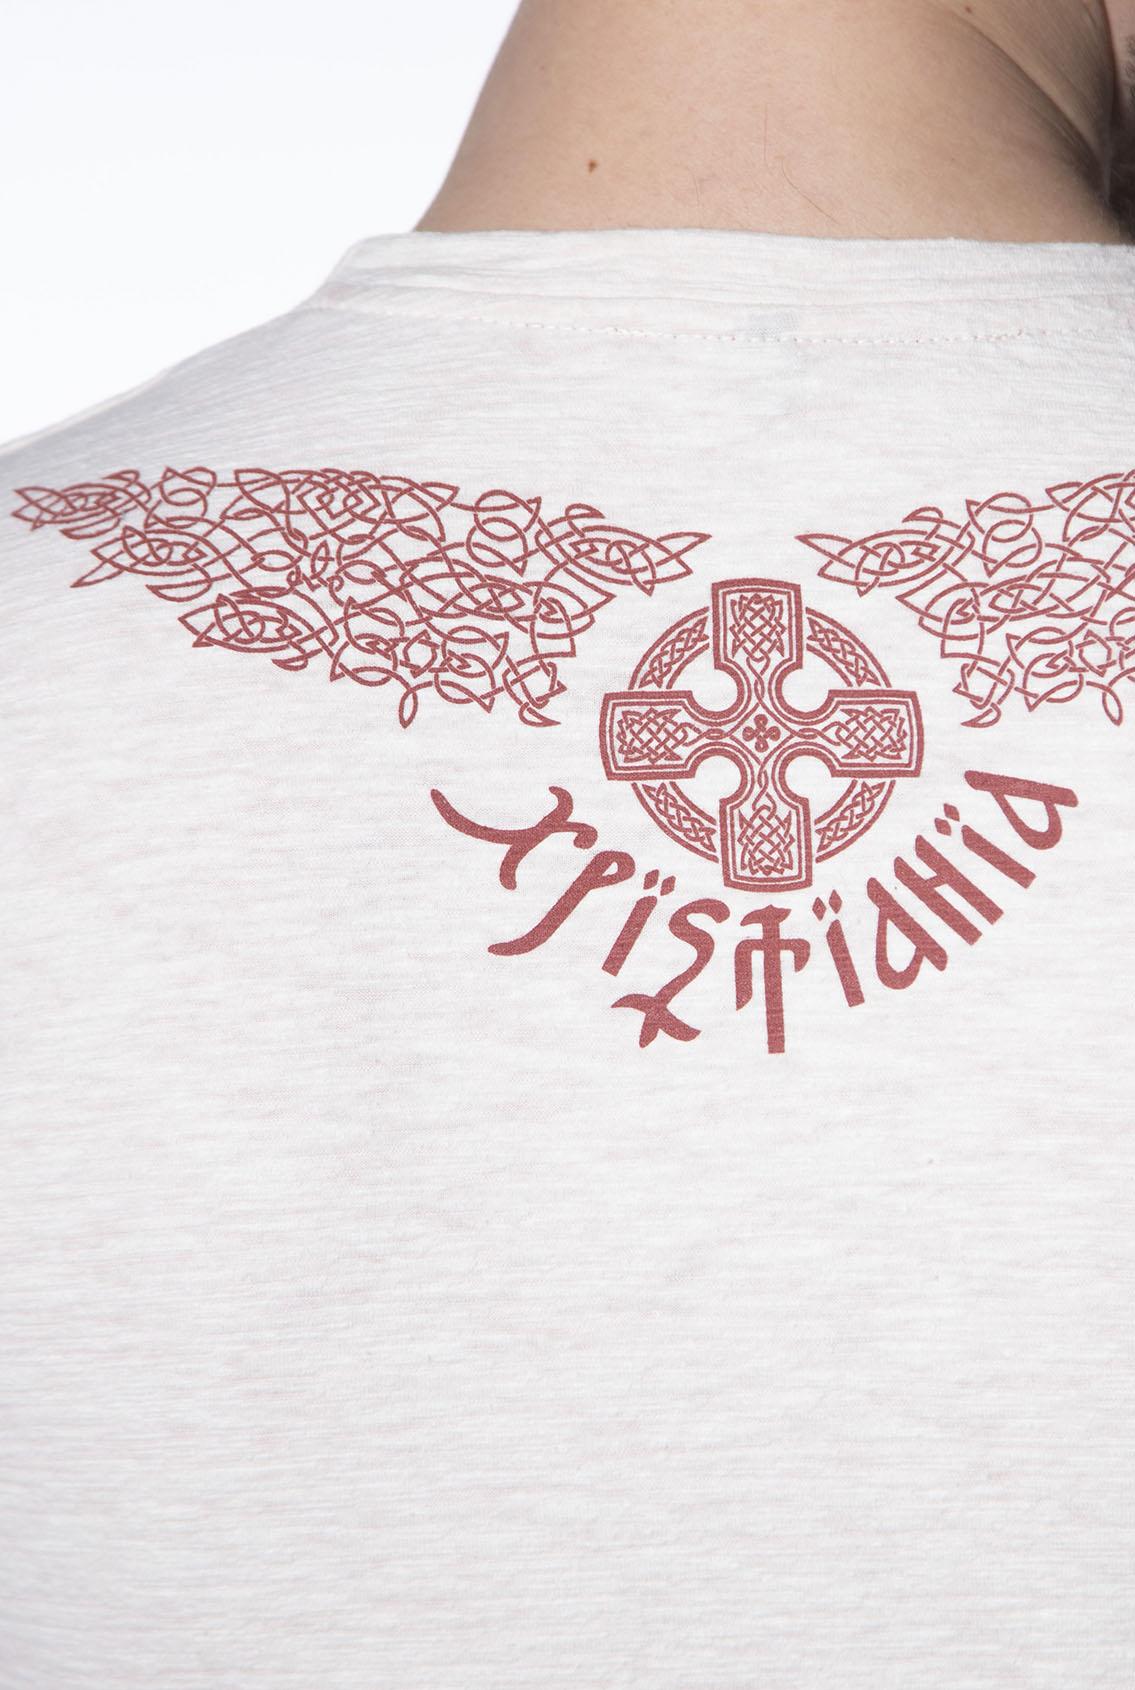 футболка Христиания